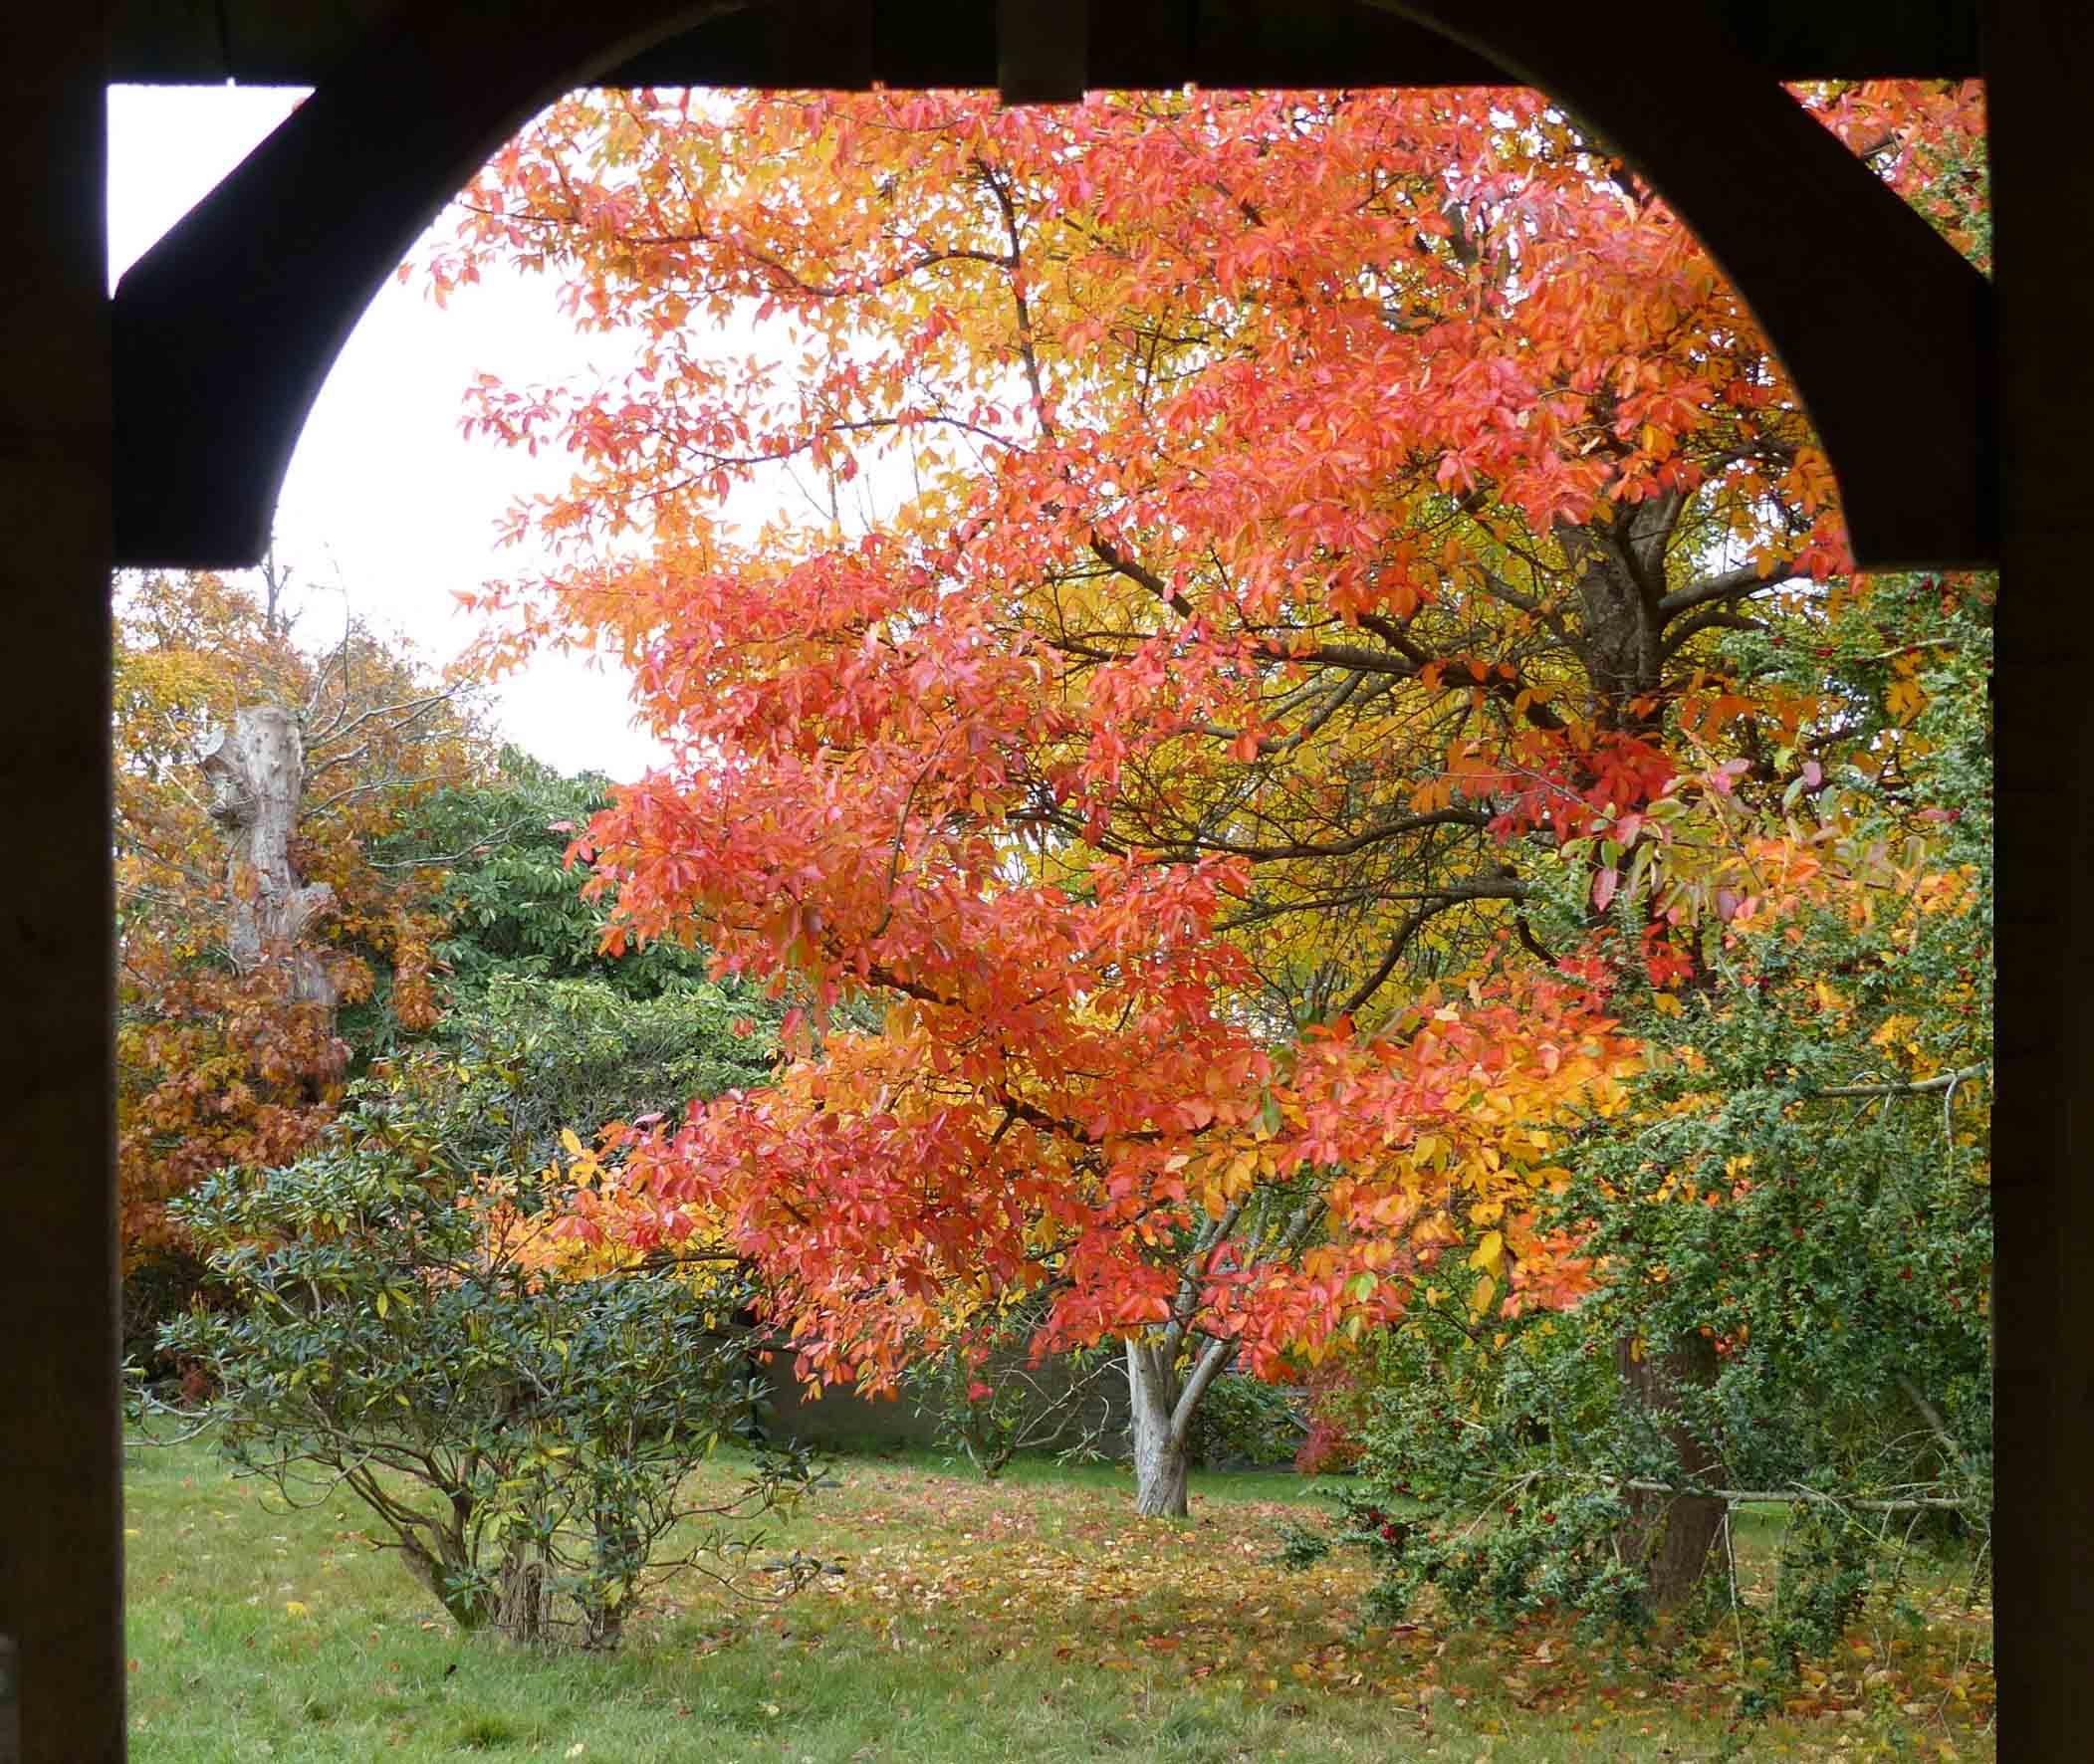 Autumn trees seen through an arch